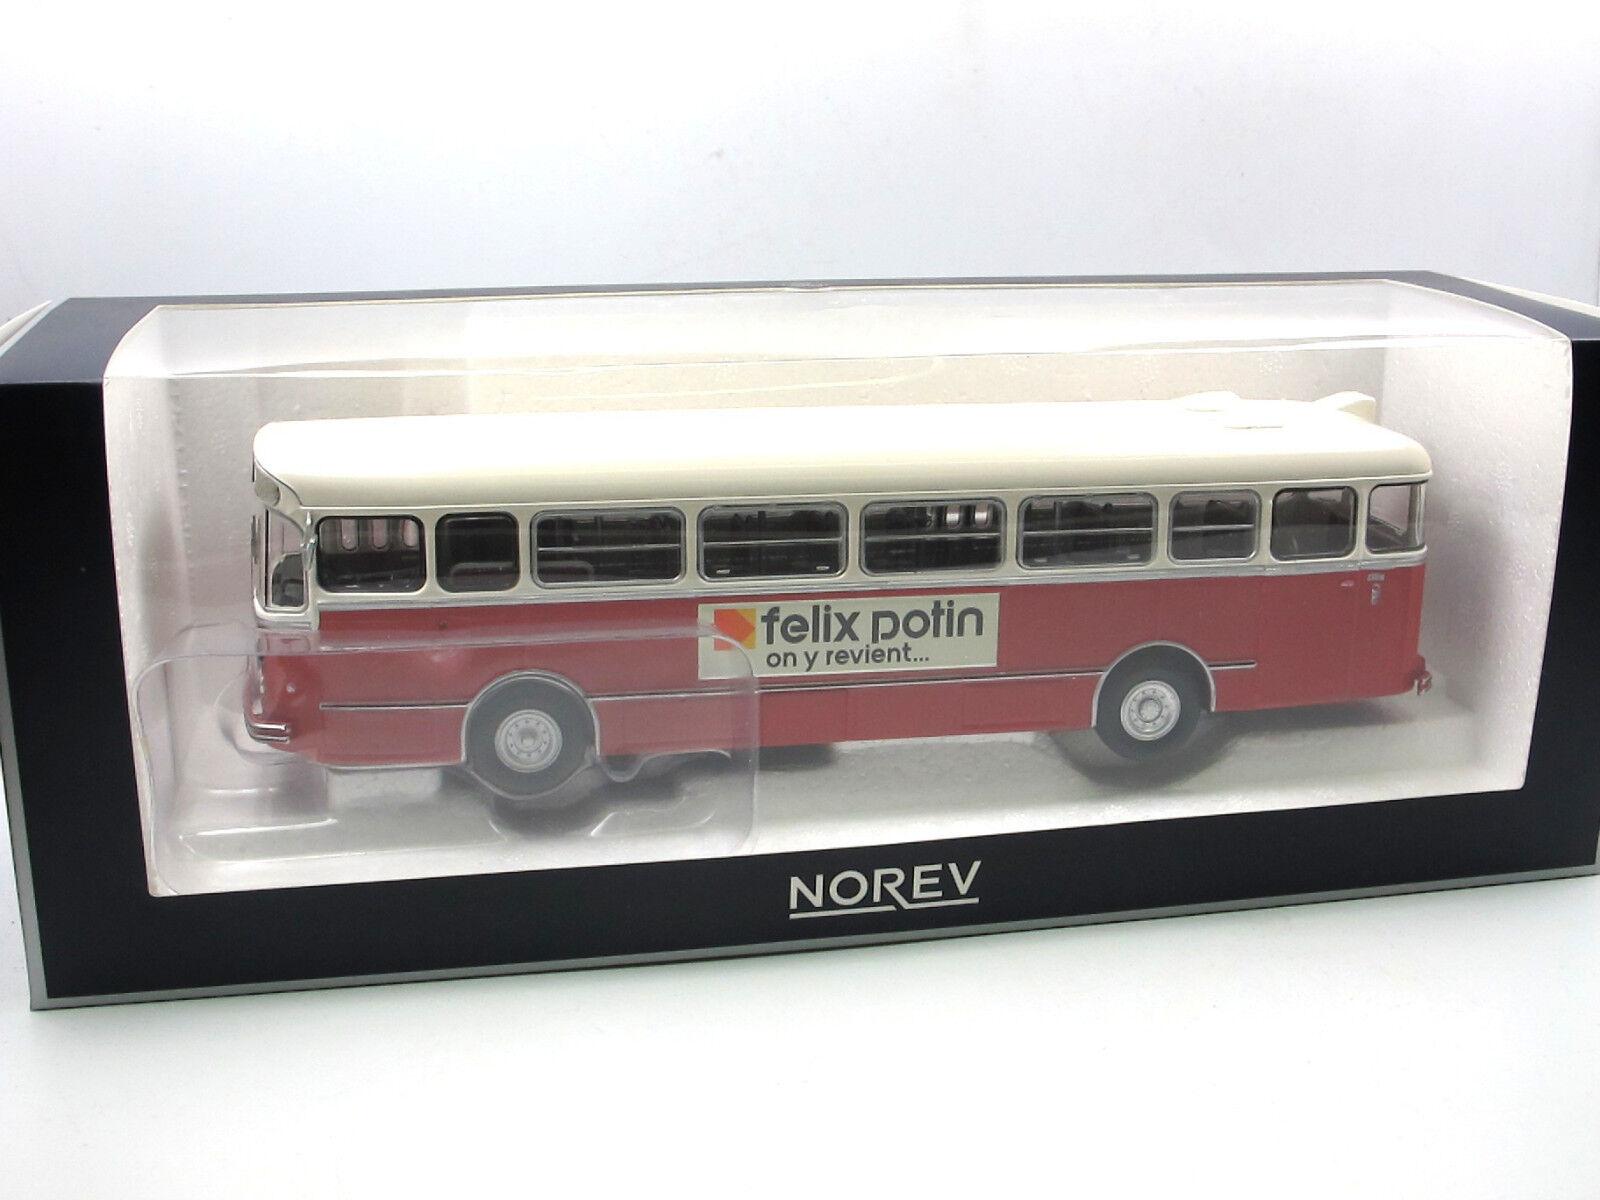 NOREV 533023 - 1955 chausson ap52-Bus-autobus-Autocar - 1 43 Nouveauté